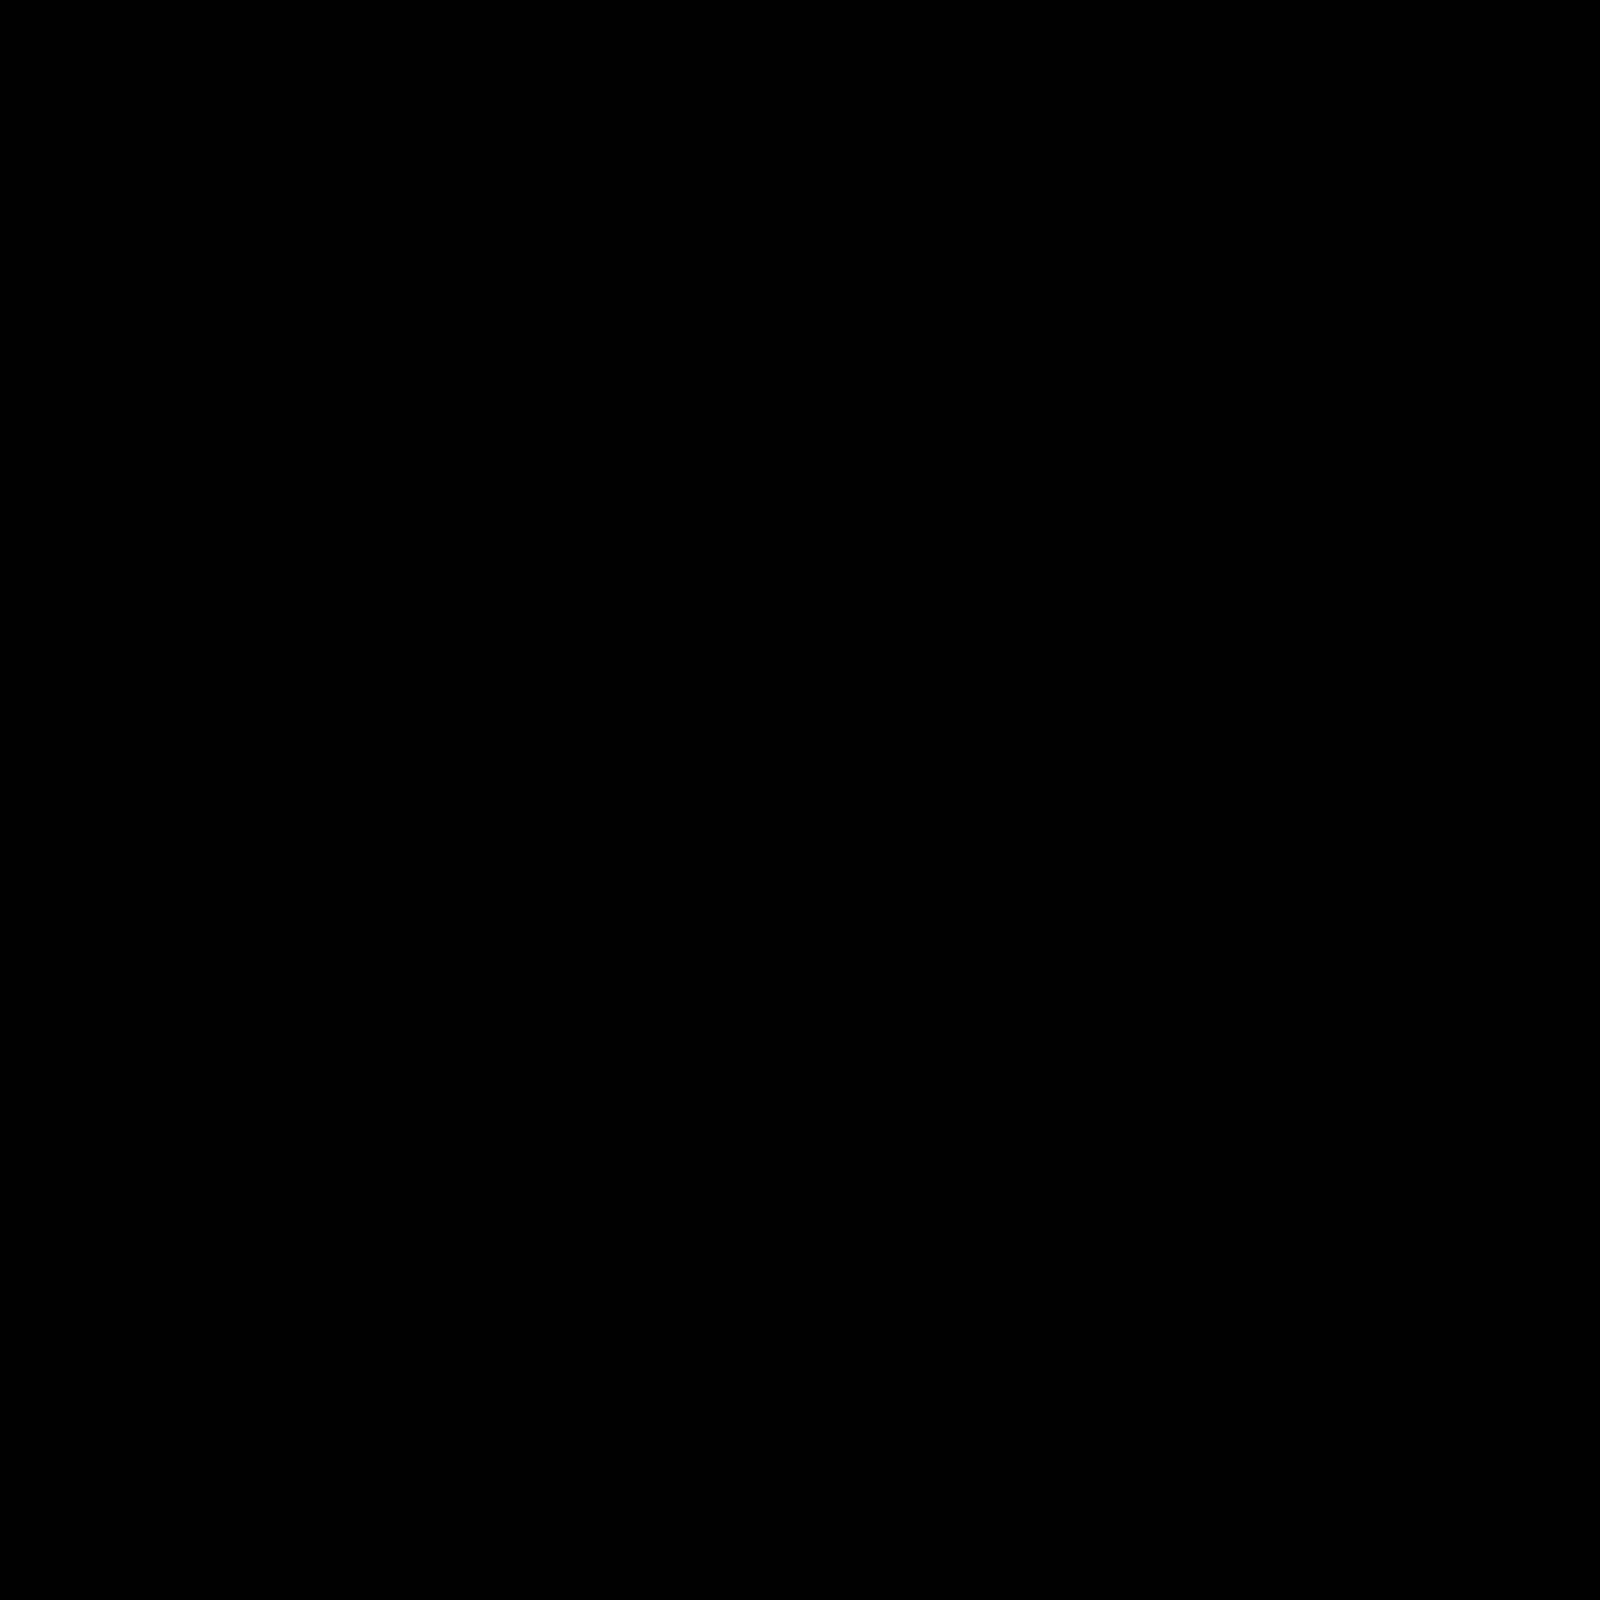 Żelkowy Zespół icon